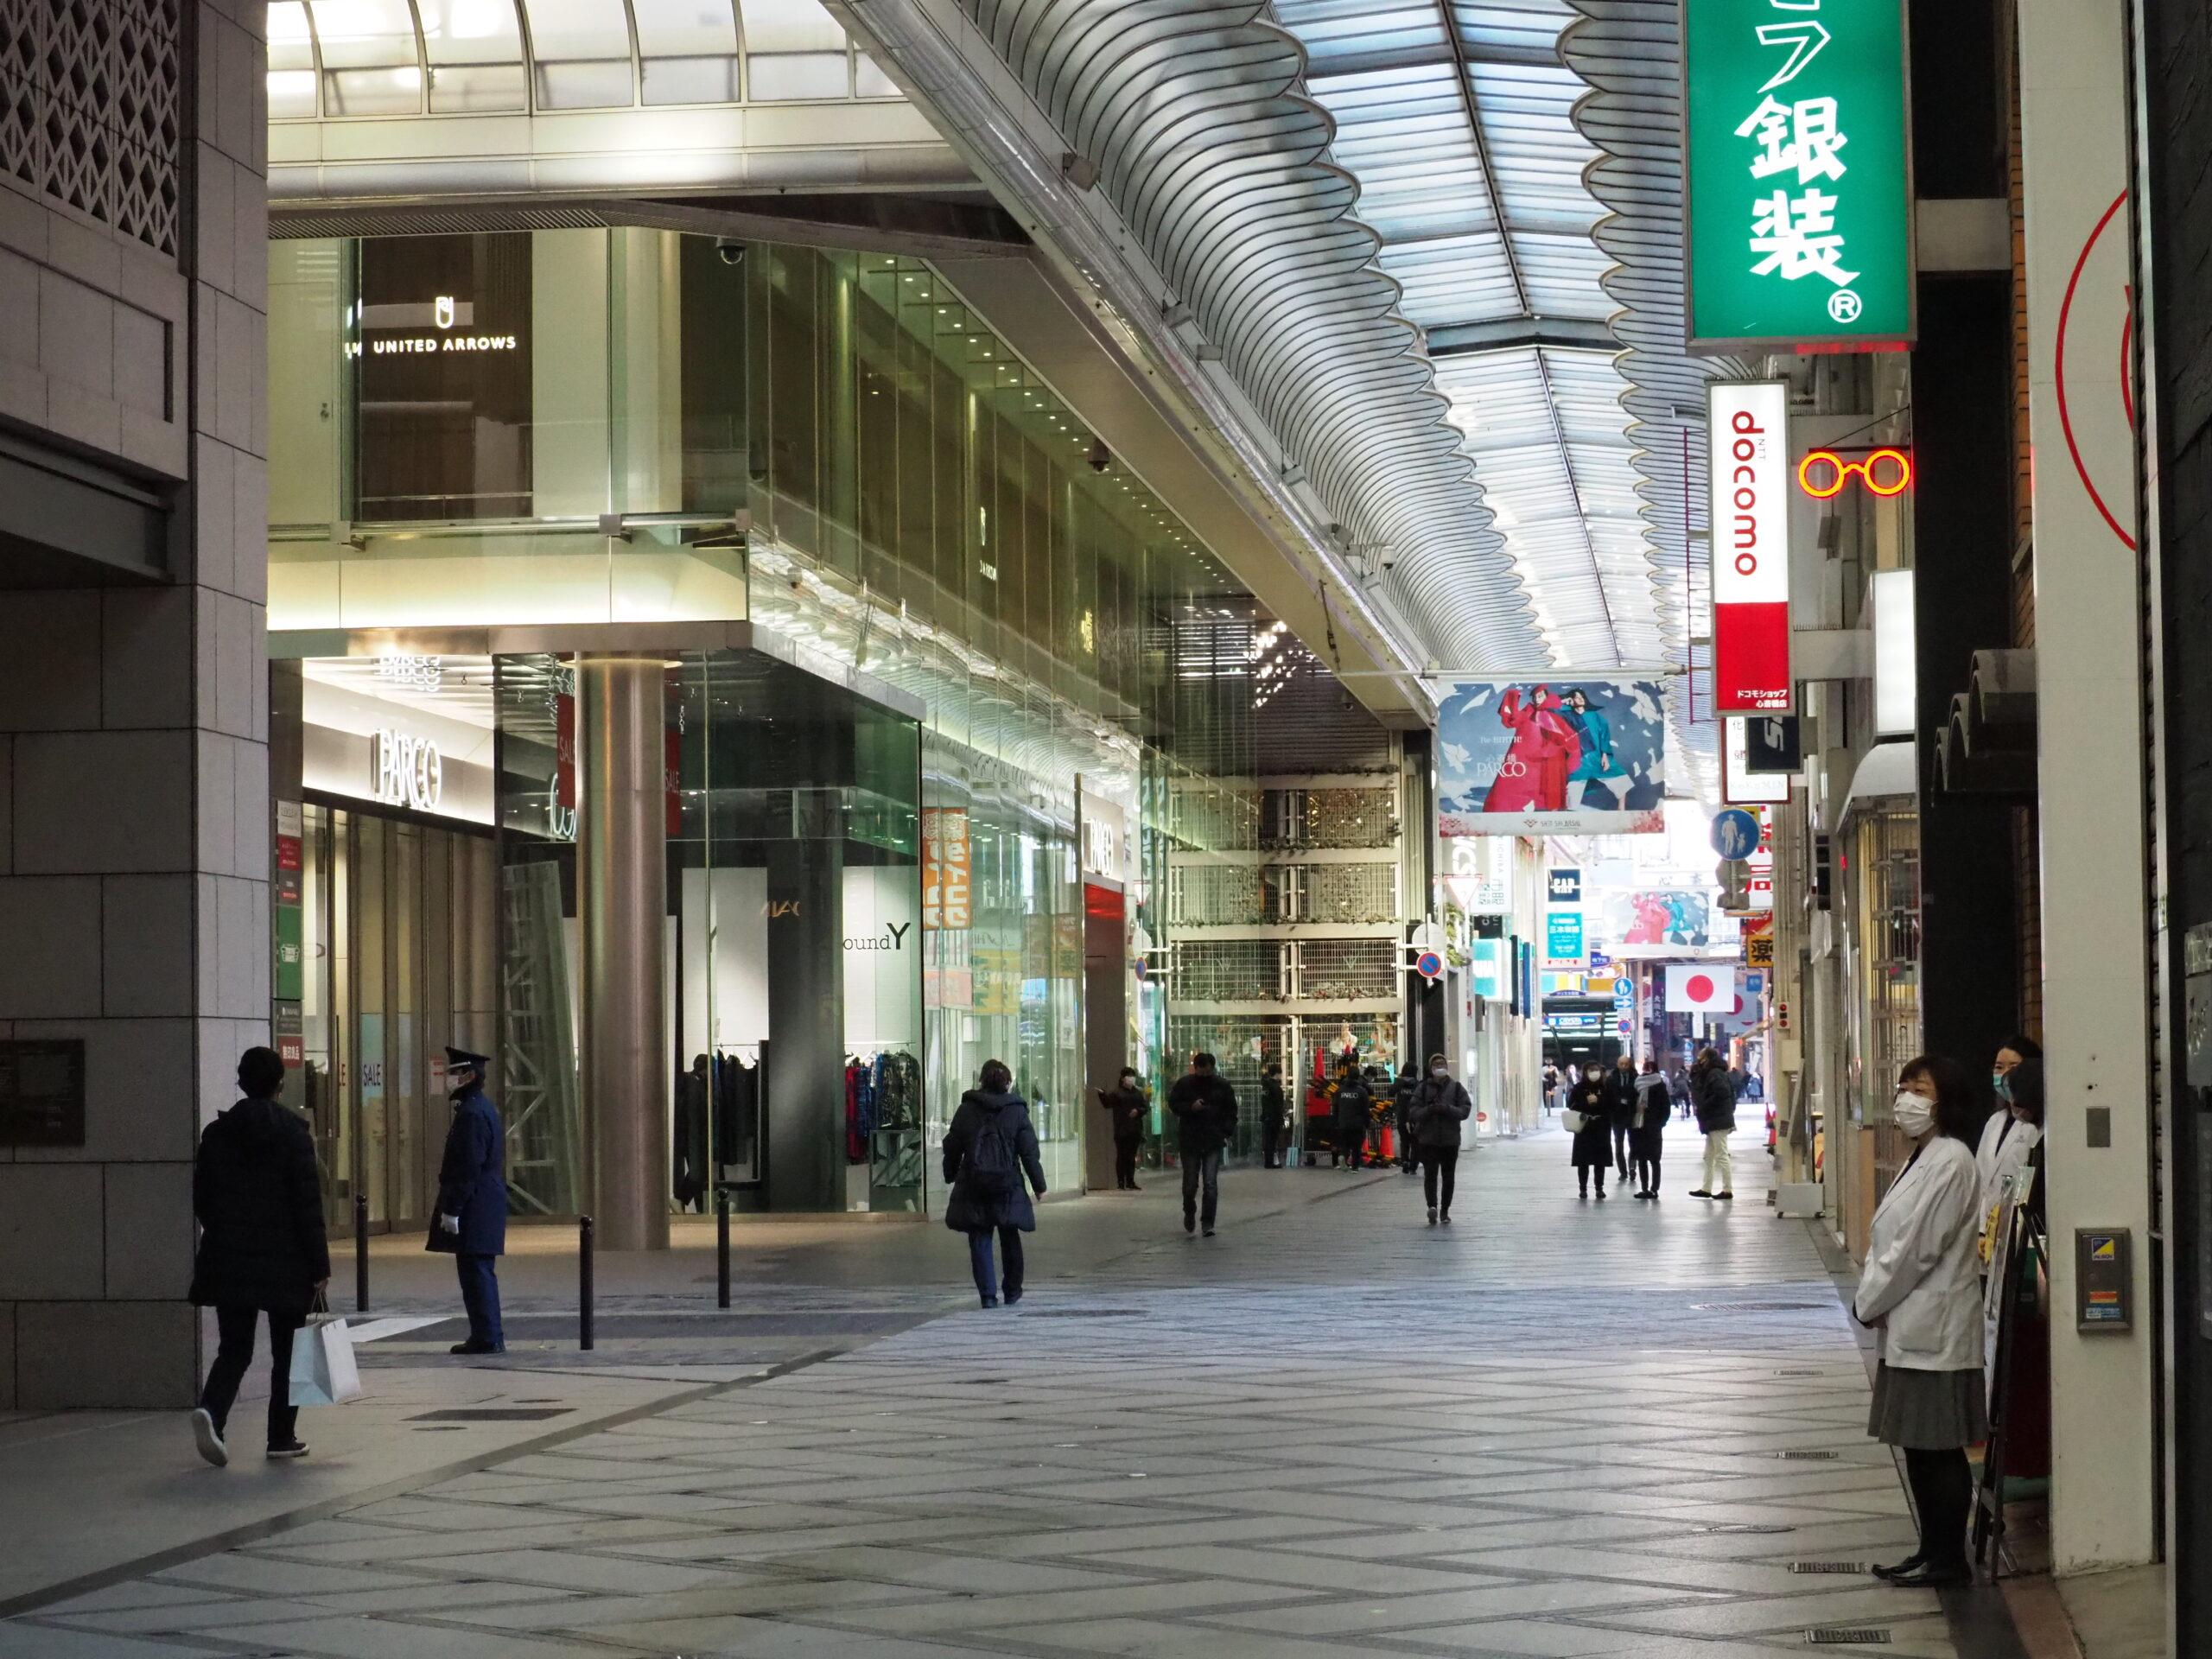 コロナの影響長期化も投資姿勢には変化なし~日本不動産研究所の調査結果から~